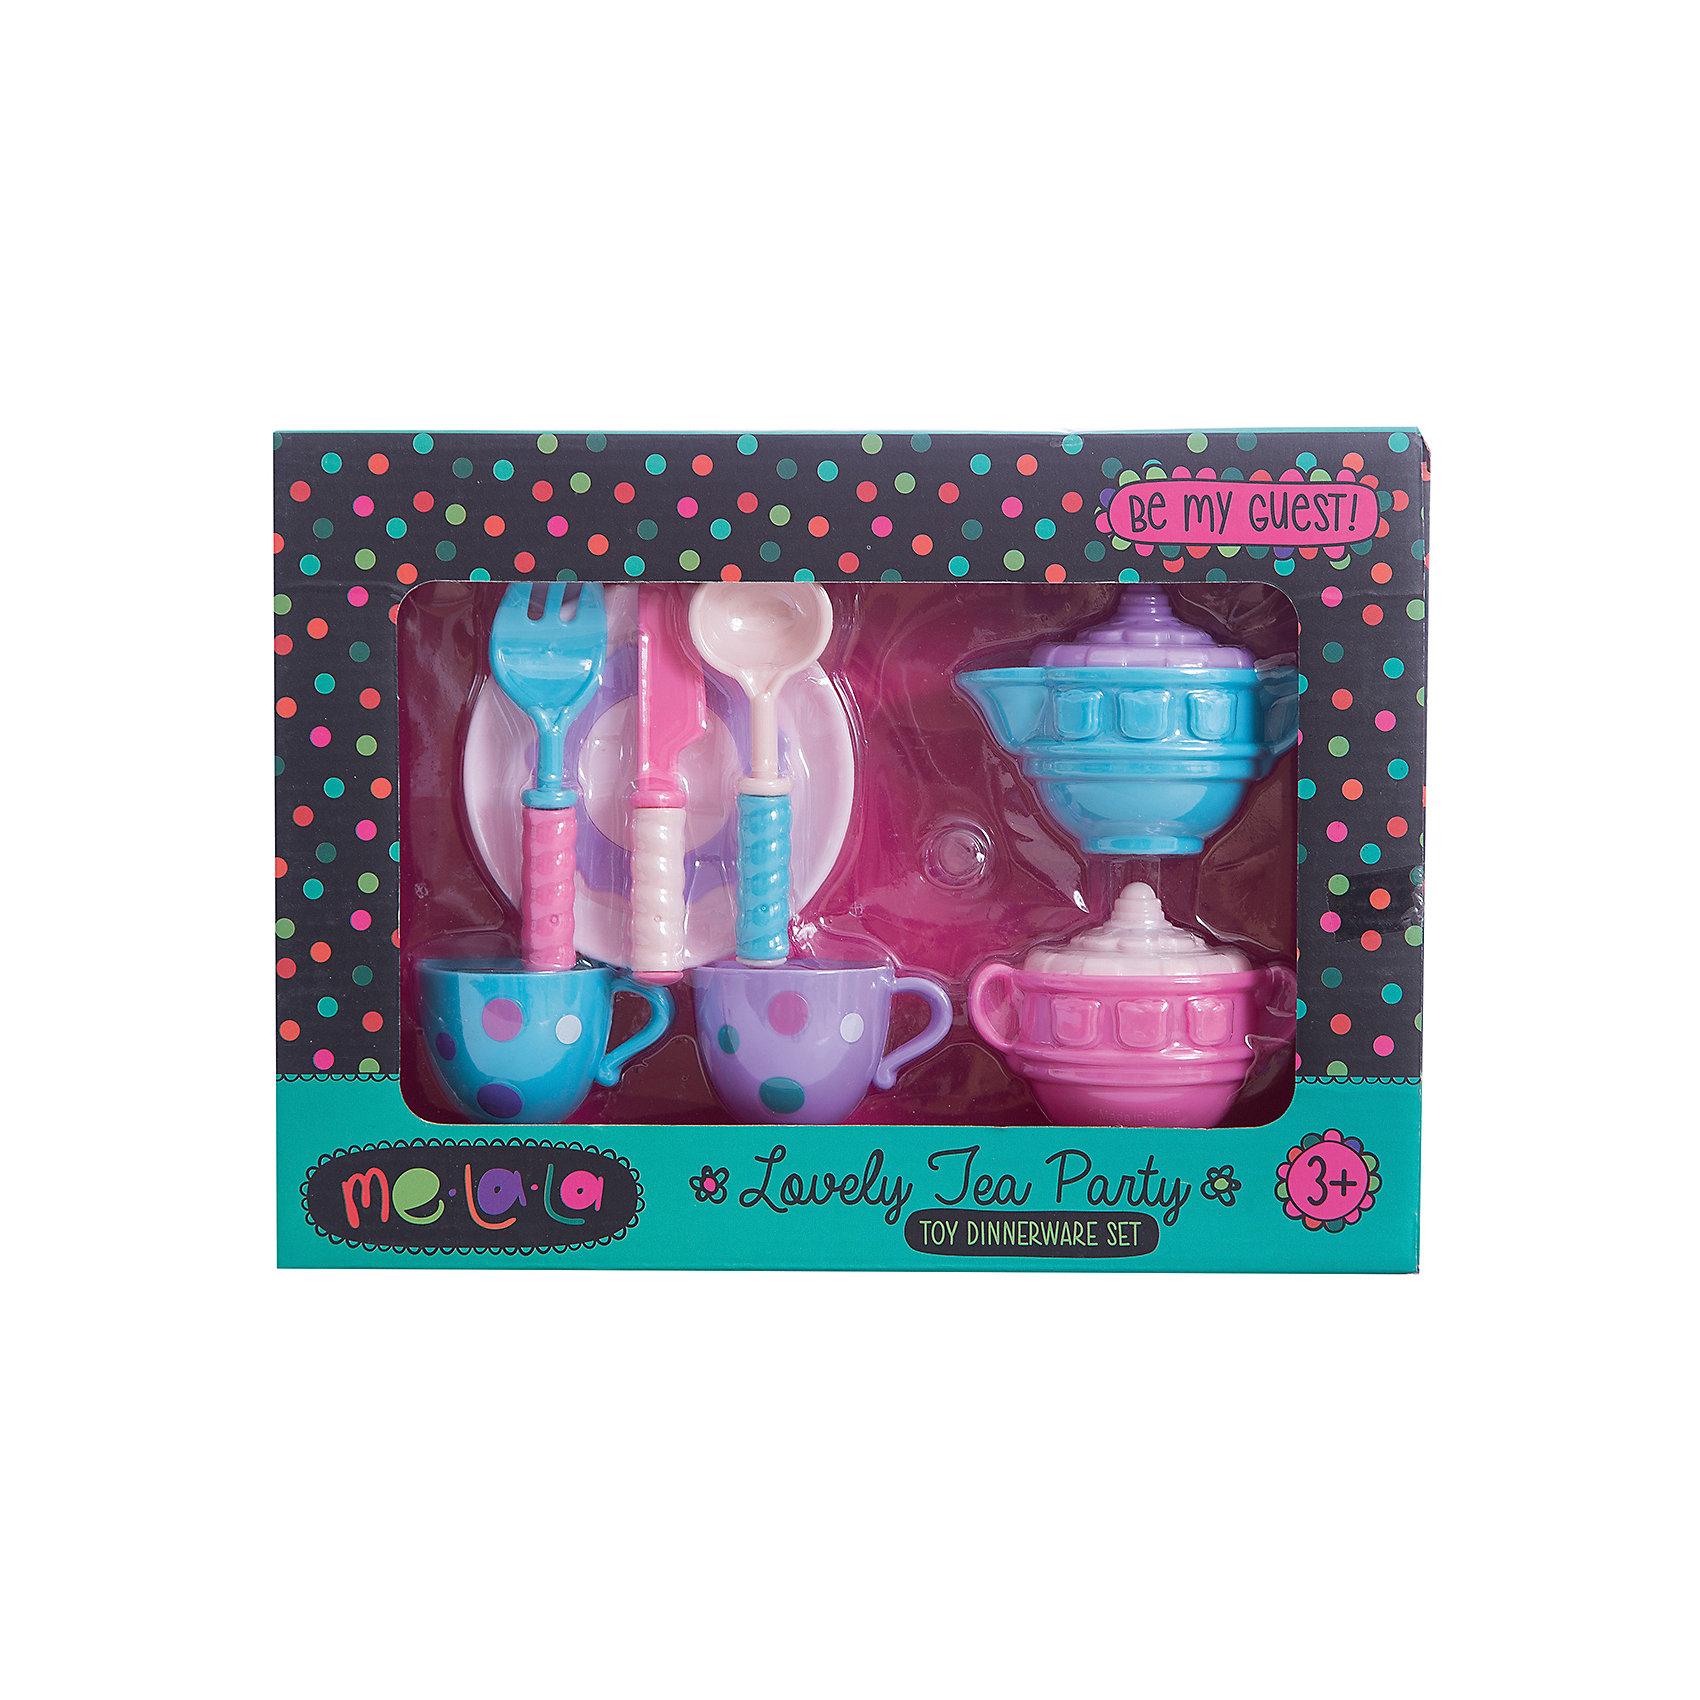 Набор посудки За чашкой чая, MeLaLaПосуда и аксессуары для детской кухни<br>Набор посудки За чашкой чая, MeLaLa.<br><br>Характеристики:<br><br>• приятный дизайн<br>• набор полностью безопасен для ребенка<br>• материал: пластик <br>• в комплекте: 2 кружки, молочник, сахарница, тарелка, ложка, вилка, нож<br>• размер упаковки: 20х6х28 см<br>• вес: 190 грамм<br><br>Набор За чашкой чая поможет девочке устроить светский прием для своих игрушек. В набор входит всё самое необходимое для чаепития. Молочник и сахарница имеют красивый рельефный узор. Чашечки украшены рисунком в горох. Вся посуда полностью безопасна для ребенка. С таким набором девочка с радостью научится устраивать званый ужин!<br><br>Вы можете купить набор посудки За чашкой чая, MeLaLa в нашем интернет-магазине.<br><br>Ширина мм: 280<br>Глубина мм: 60<br>Высота мм: 200<br>Вес г: 190<br>Возраст от месяцев: 36<br>Возраст до месяцев: 120<br>Пол: Женский<br>Возраст: Детский<br>SKU: 5017680